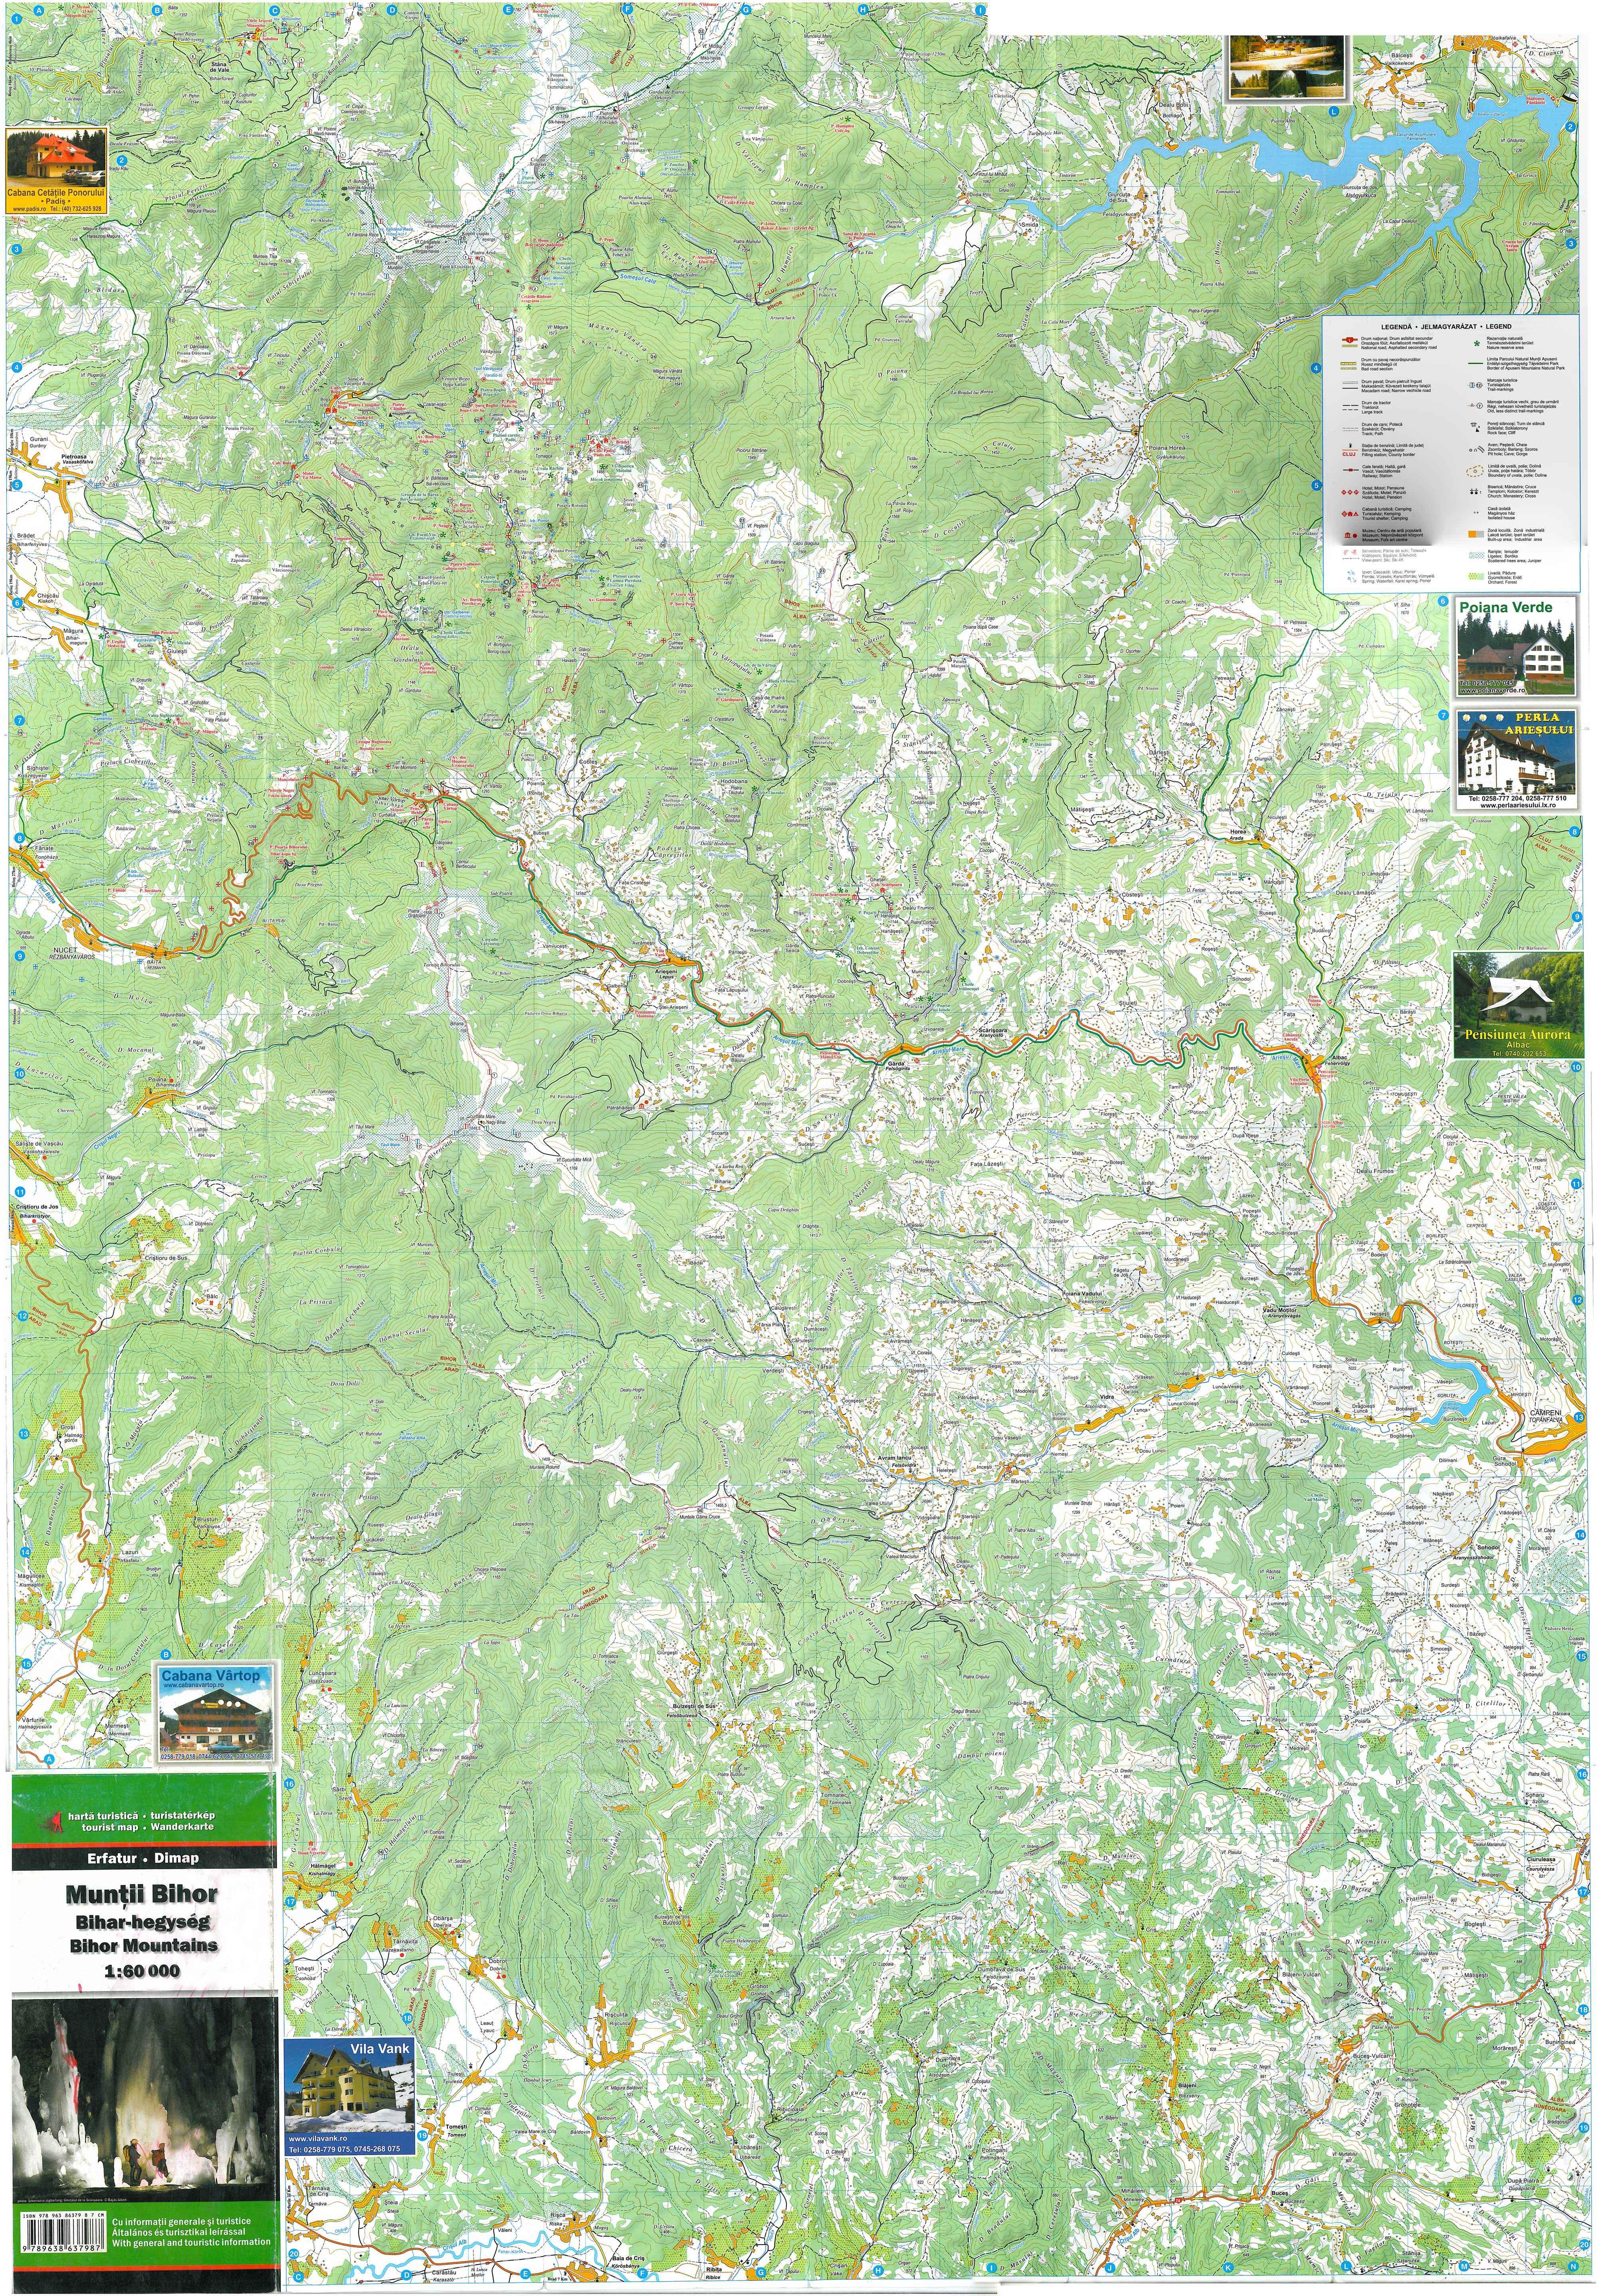 pádis térkép Térképtár | Bihari Túrák Közhasznú Egyesület pádis térkép